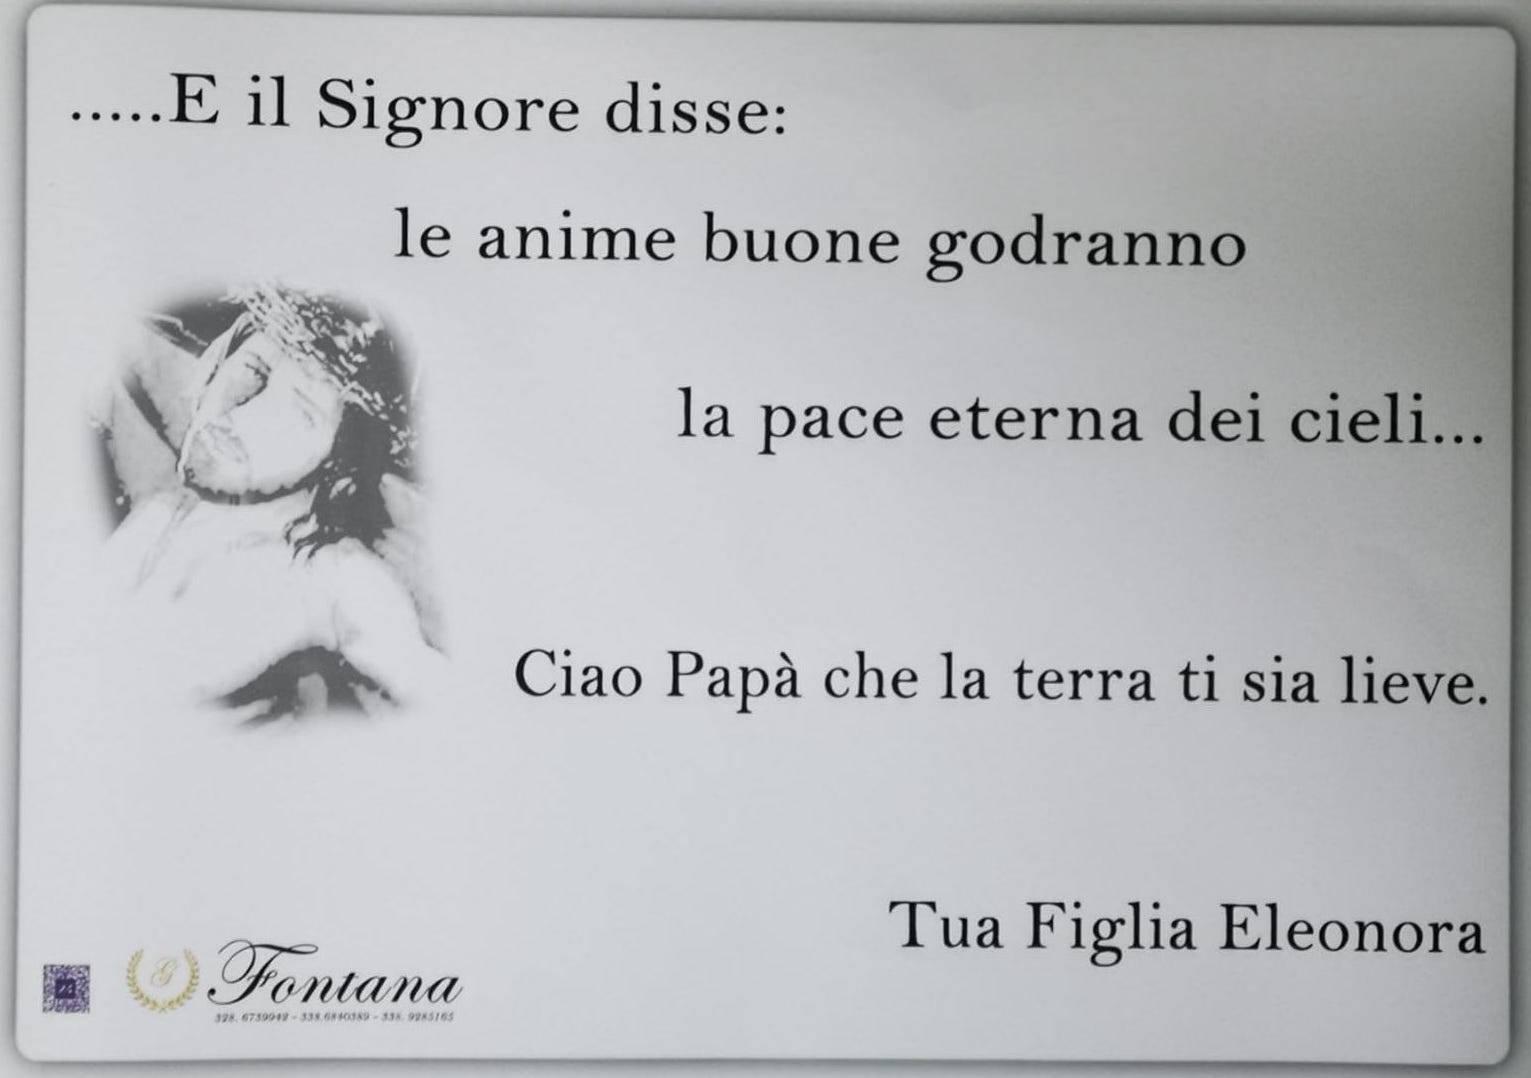 Tua figlia Eleonora